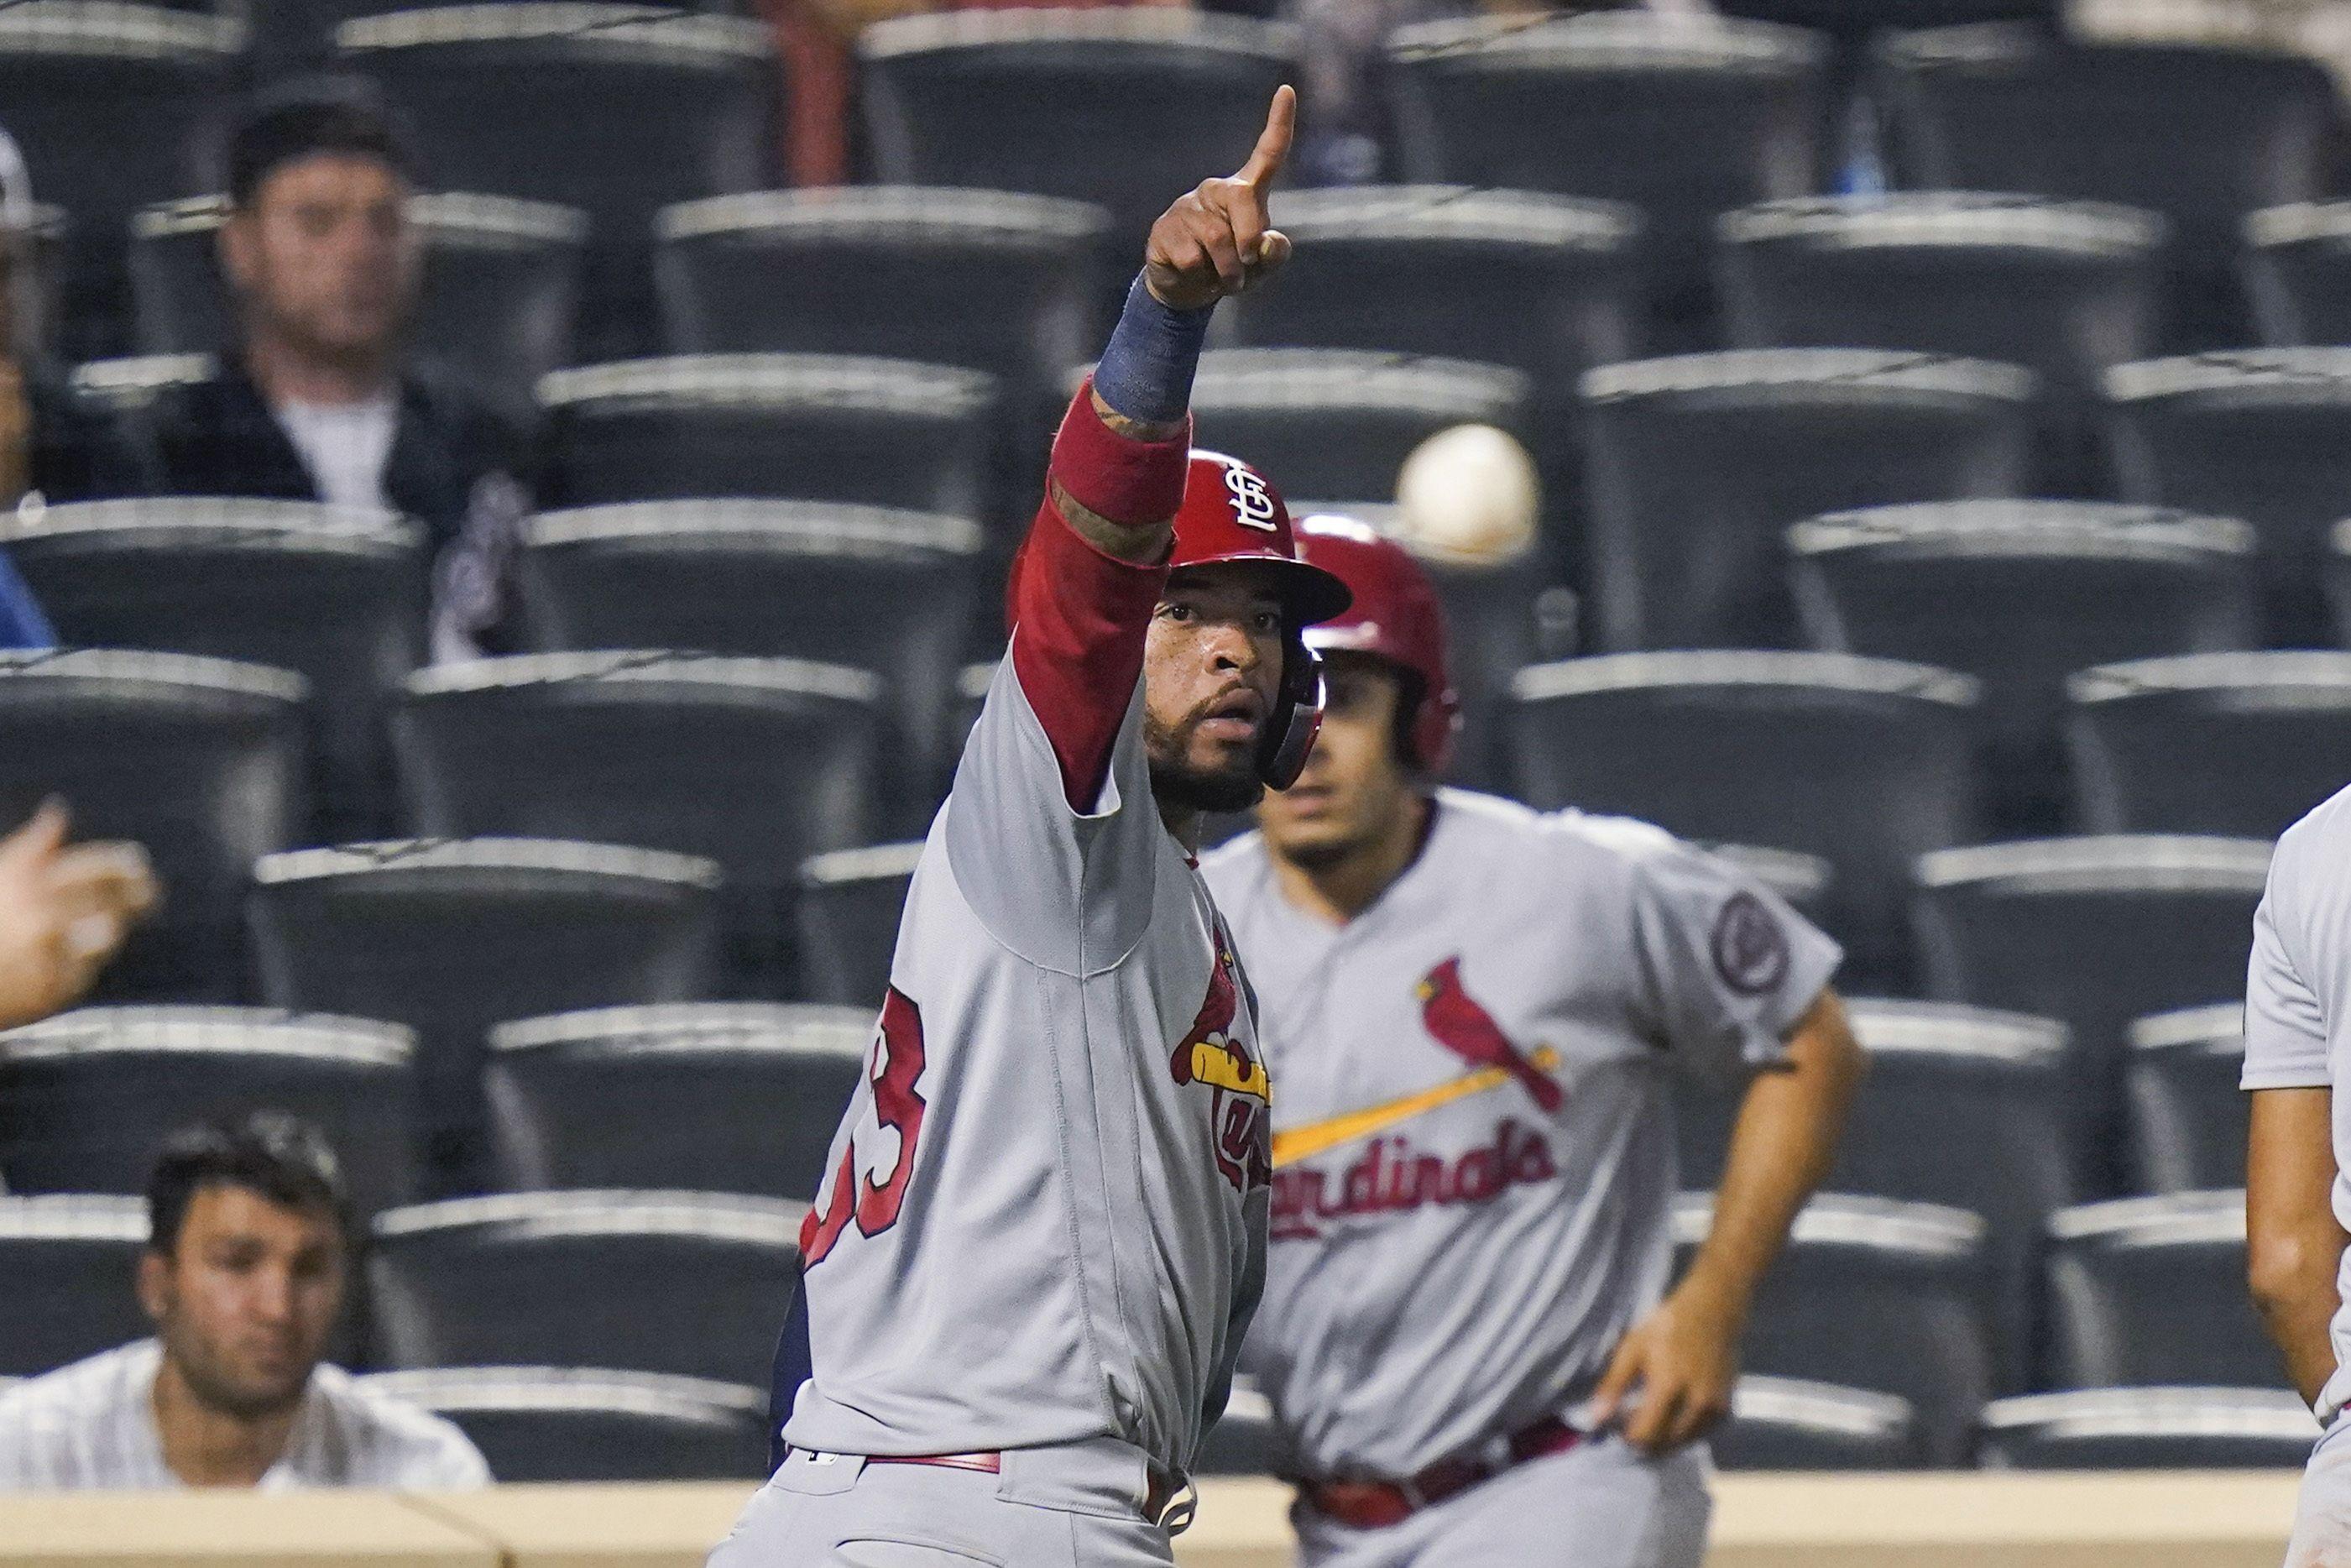 cardenales superan a mets y estan en puestos de playoffs